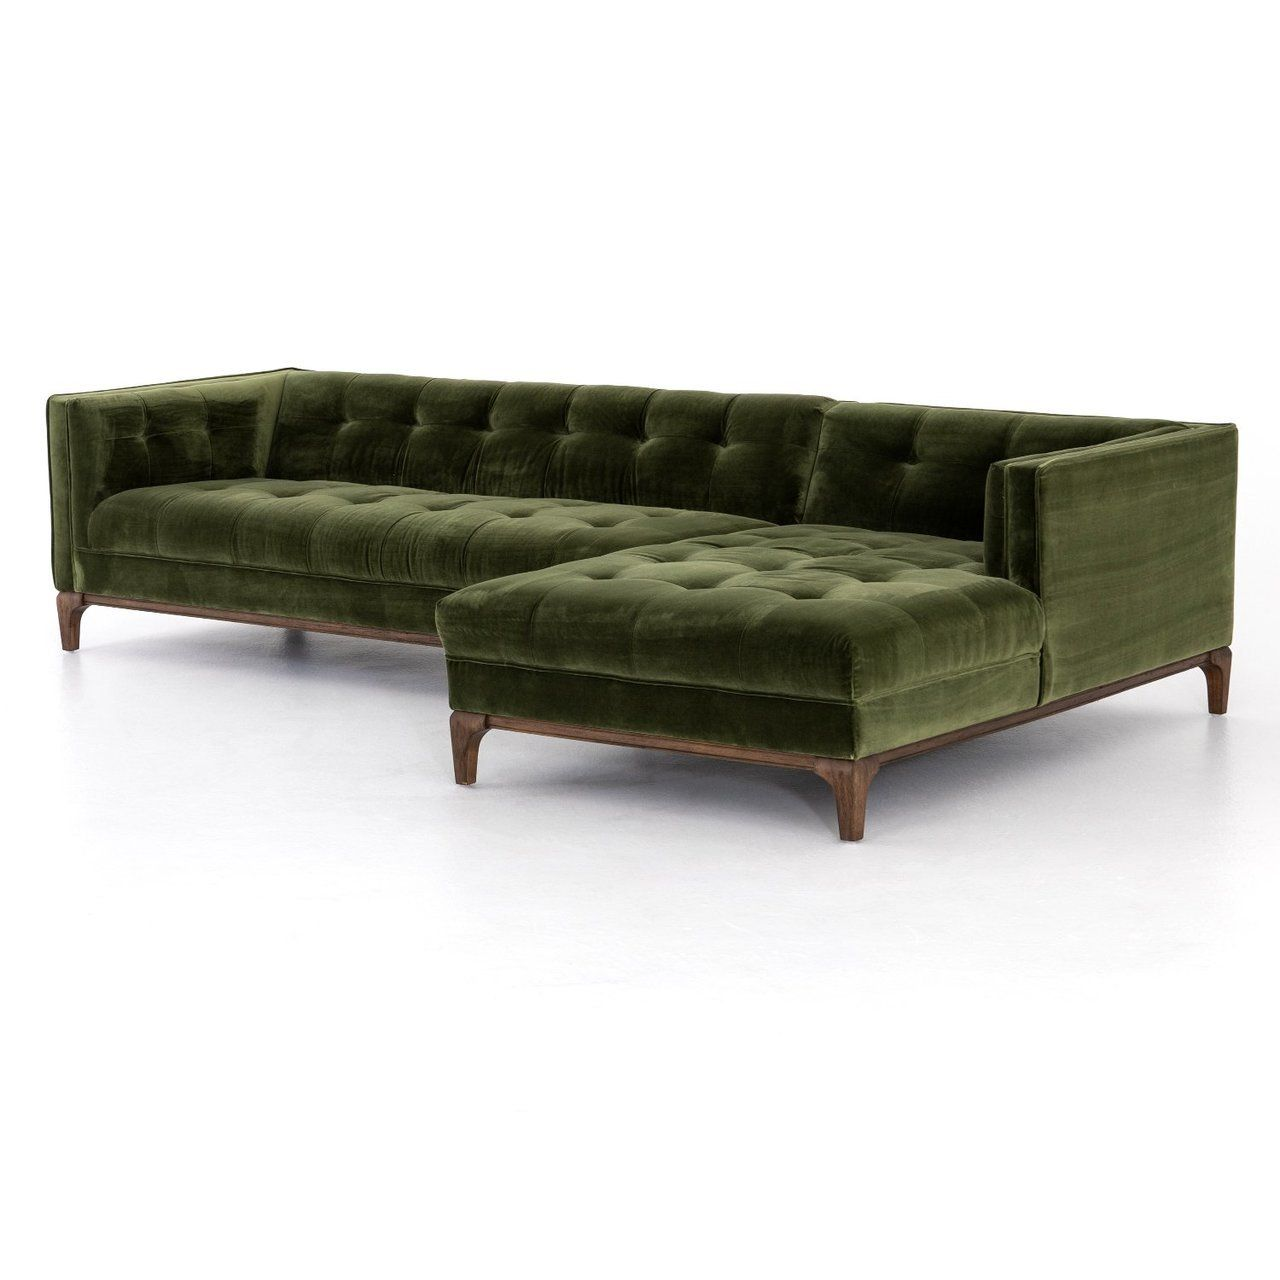 Dylan Modern Olive Green Velvet Tufted Sectional Sofa Tufted Sectional Sofa Sectional Sofa Green Sofa